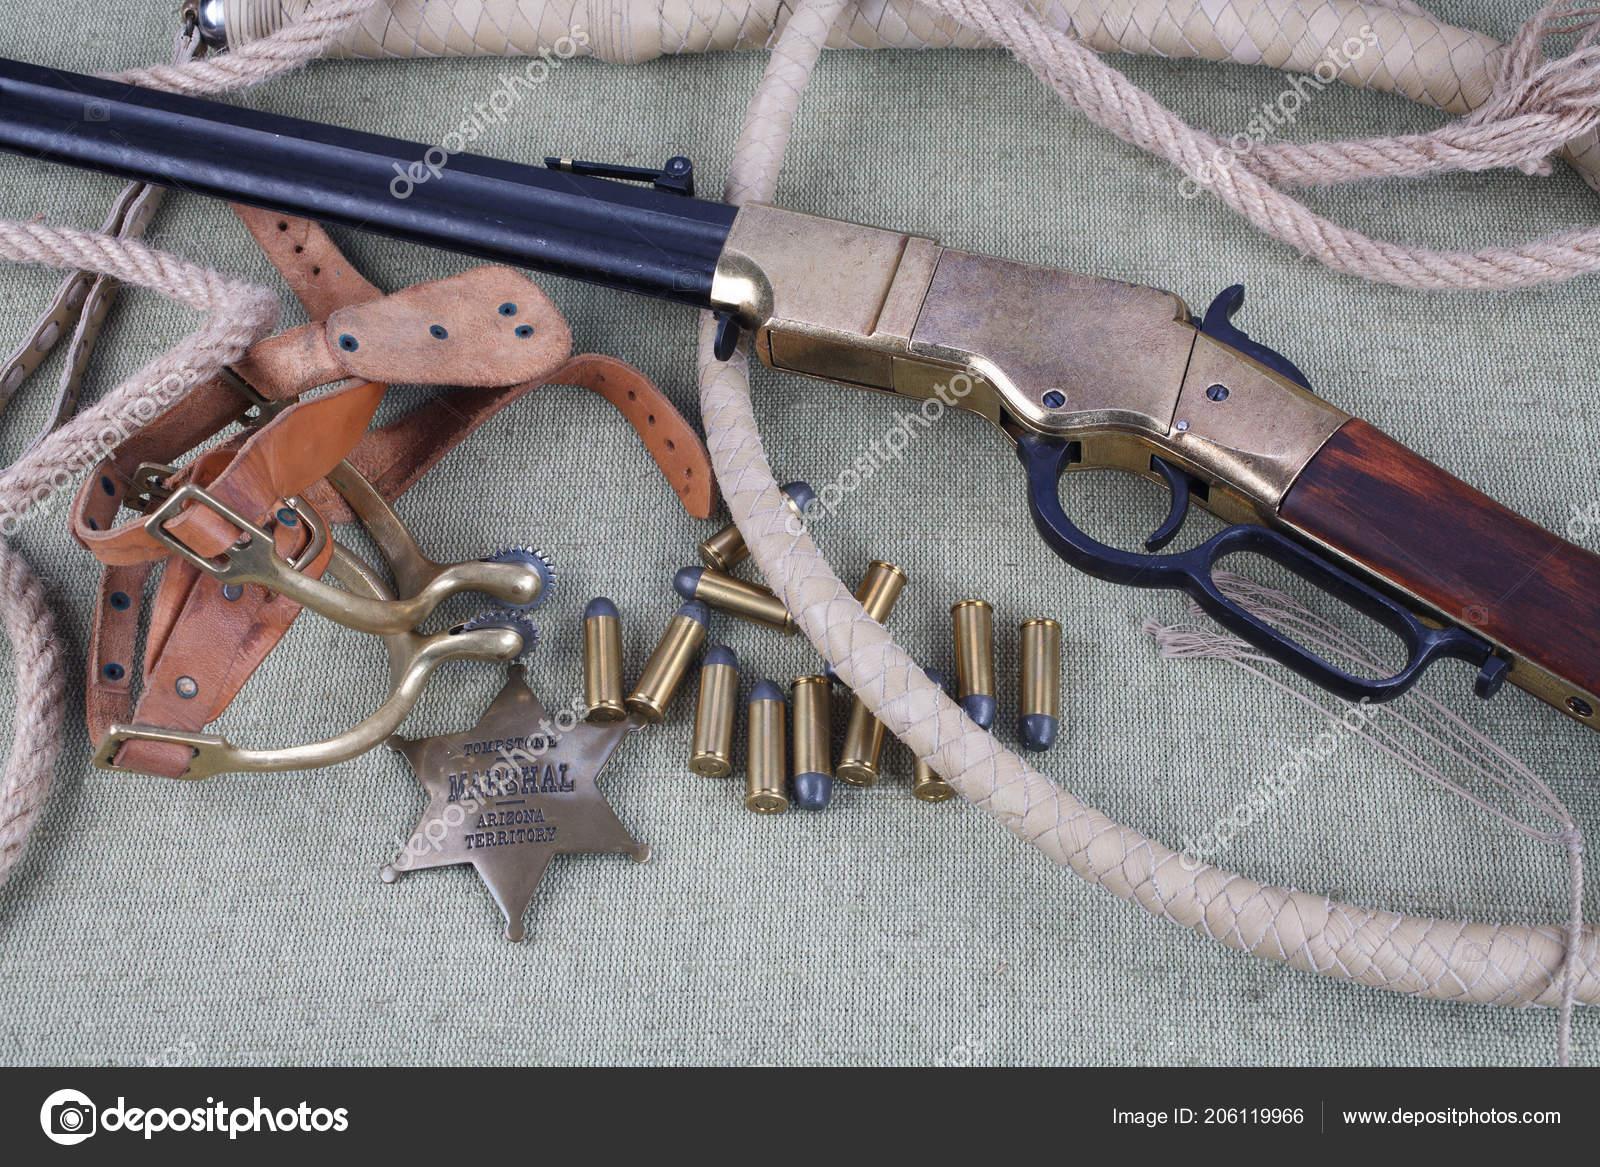 0dc98cc1e Divoký Západ Zbraně Střelivo Šerifa Odznak Pozadí — Stock Fotografie ...